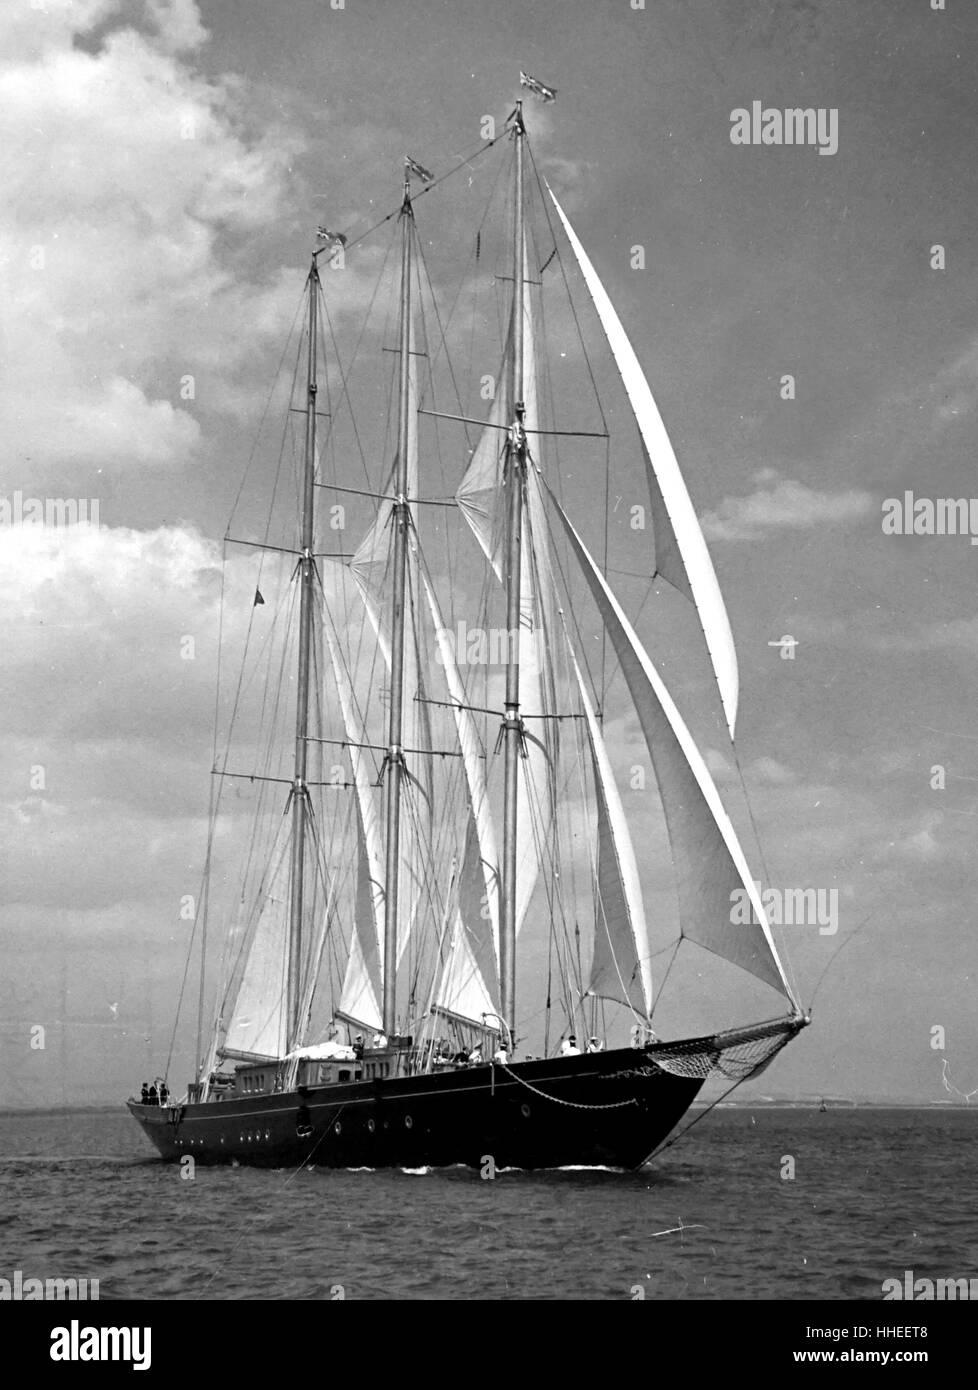 Photographie de l'assemblée des yachts de course assemblés pour le Torbay-Lisbon la race. En date Photo Stock